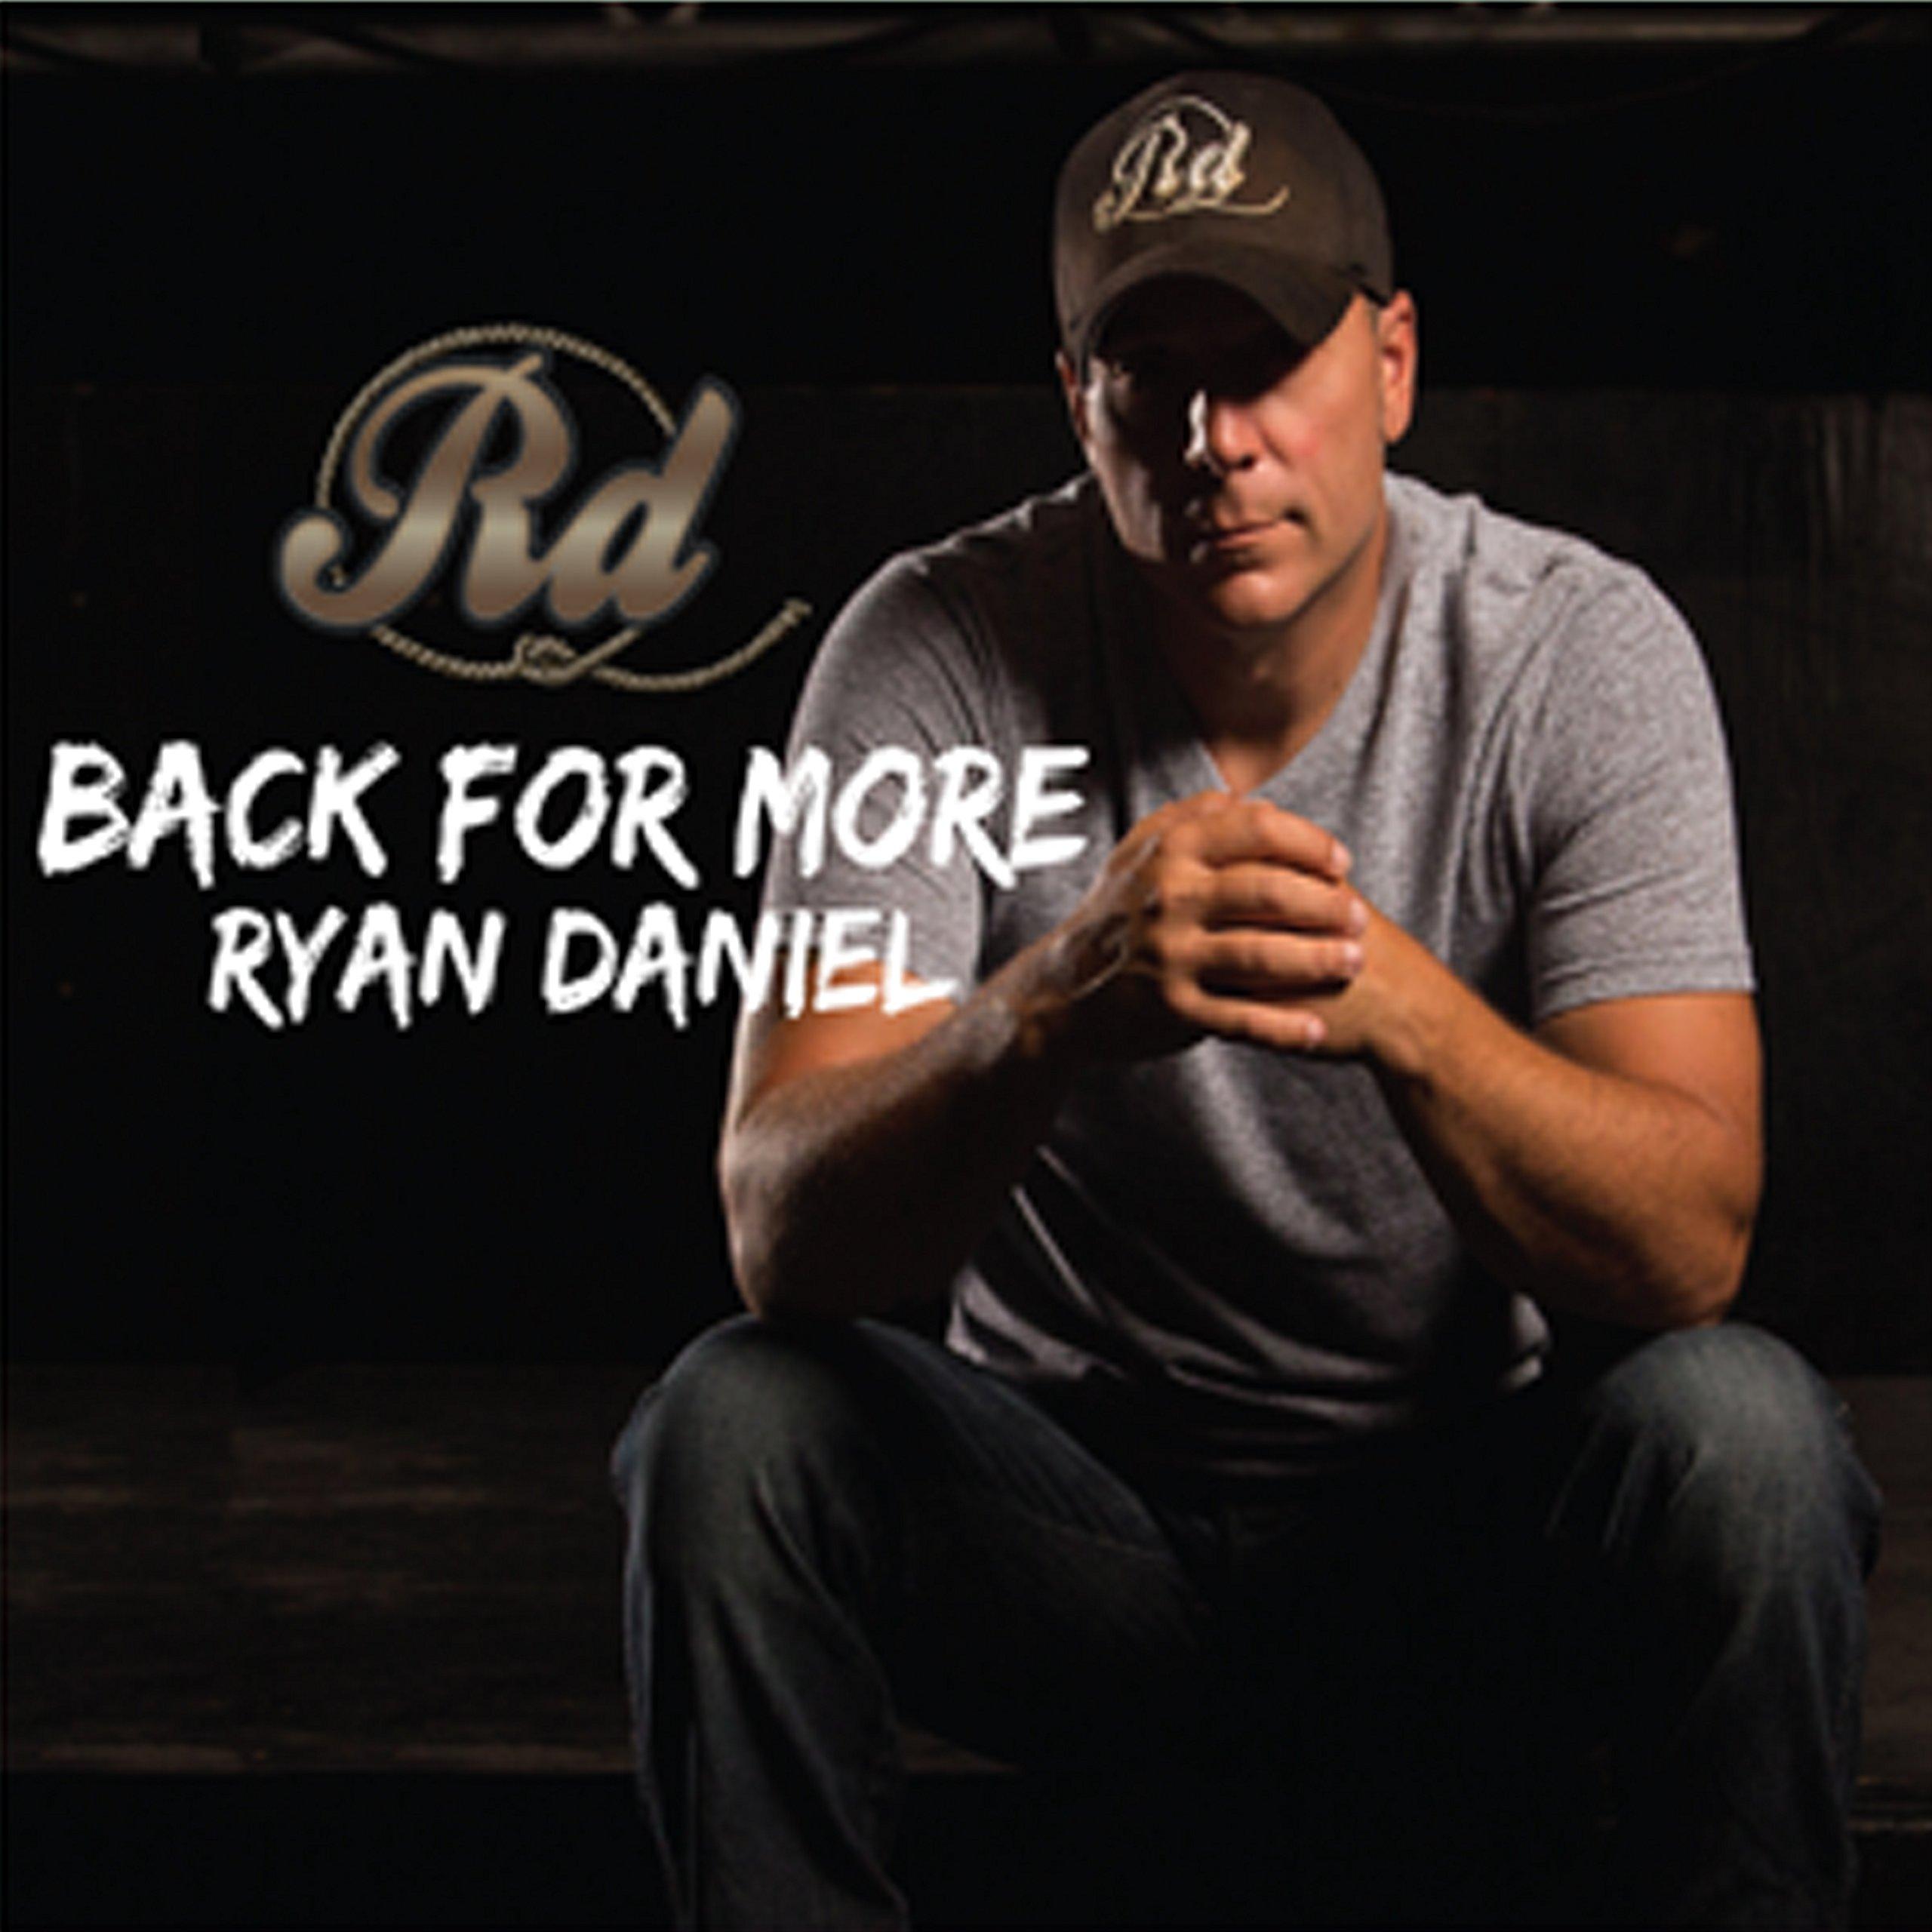 CD : Ryan Daniel - Back For More (CD)